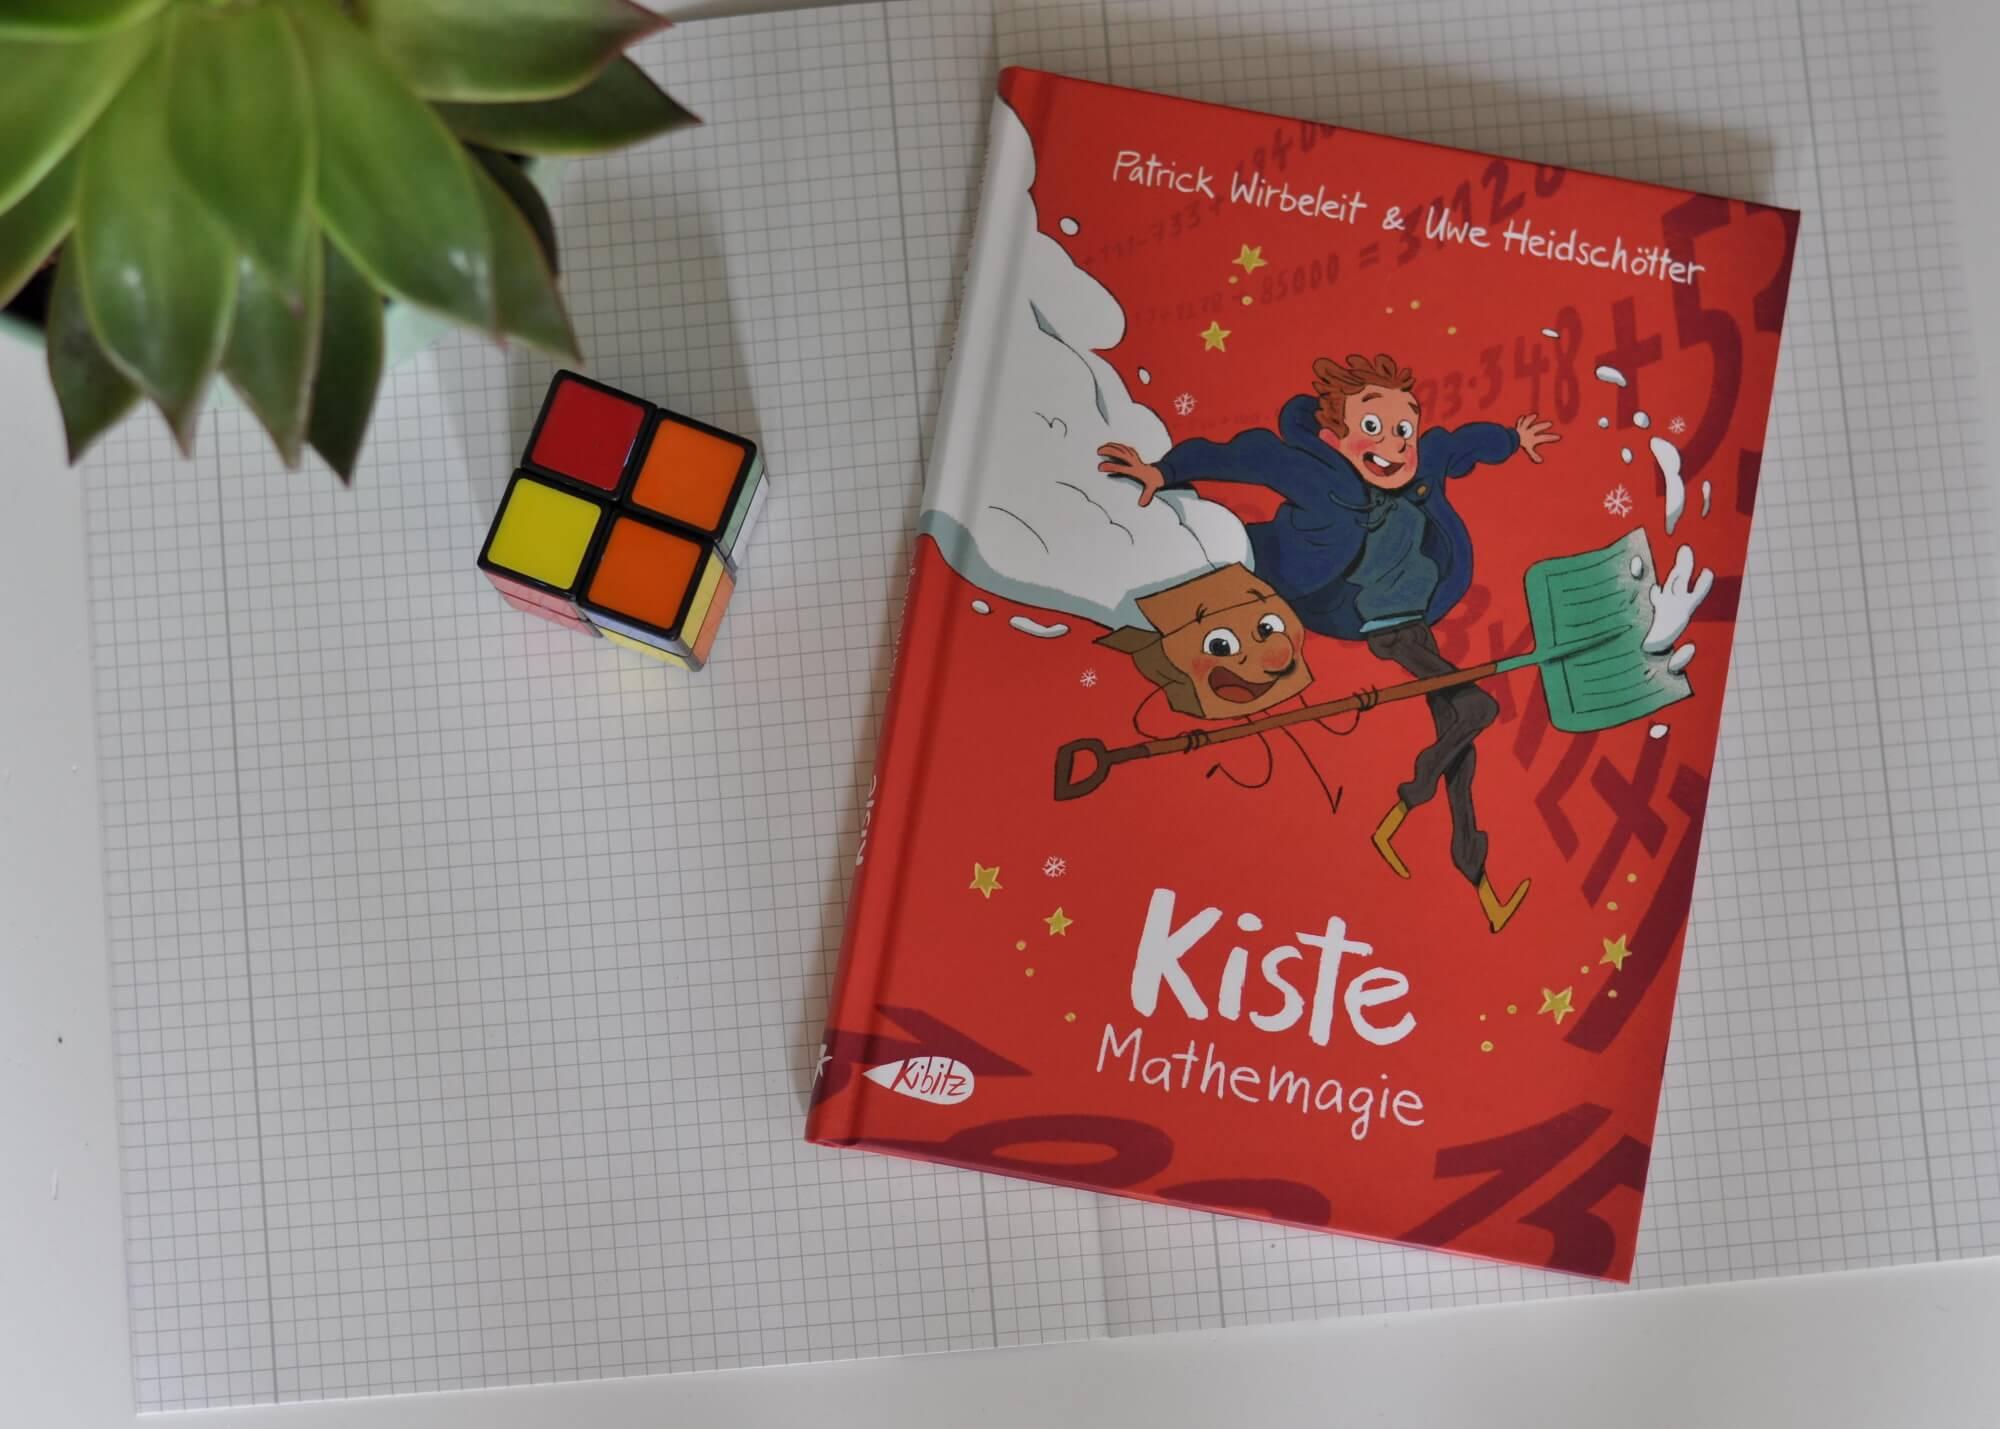 Mattis kapiert die Rechenaufgaben einfach nicht. Dabei schreibt er schon morgen die Klassenarbeit. Auch seine Mutter kann ihm nicht wirklich weiterhelfen. Sie erklärt alles ganz anders als die Lehrerin in der Schule. Und sein ein bester Freund Kiste? Der kann nun mal nicht rechnen, nur bauen. Zum Glück kennt der Zauberer Bartelstrunk einen Zaubertrank der Abhilfe verschaffen soll. #mathe #schule #comic #rechnen #magie #lesen #kinder #kiste